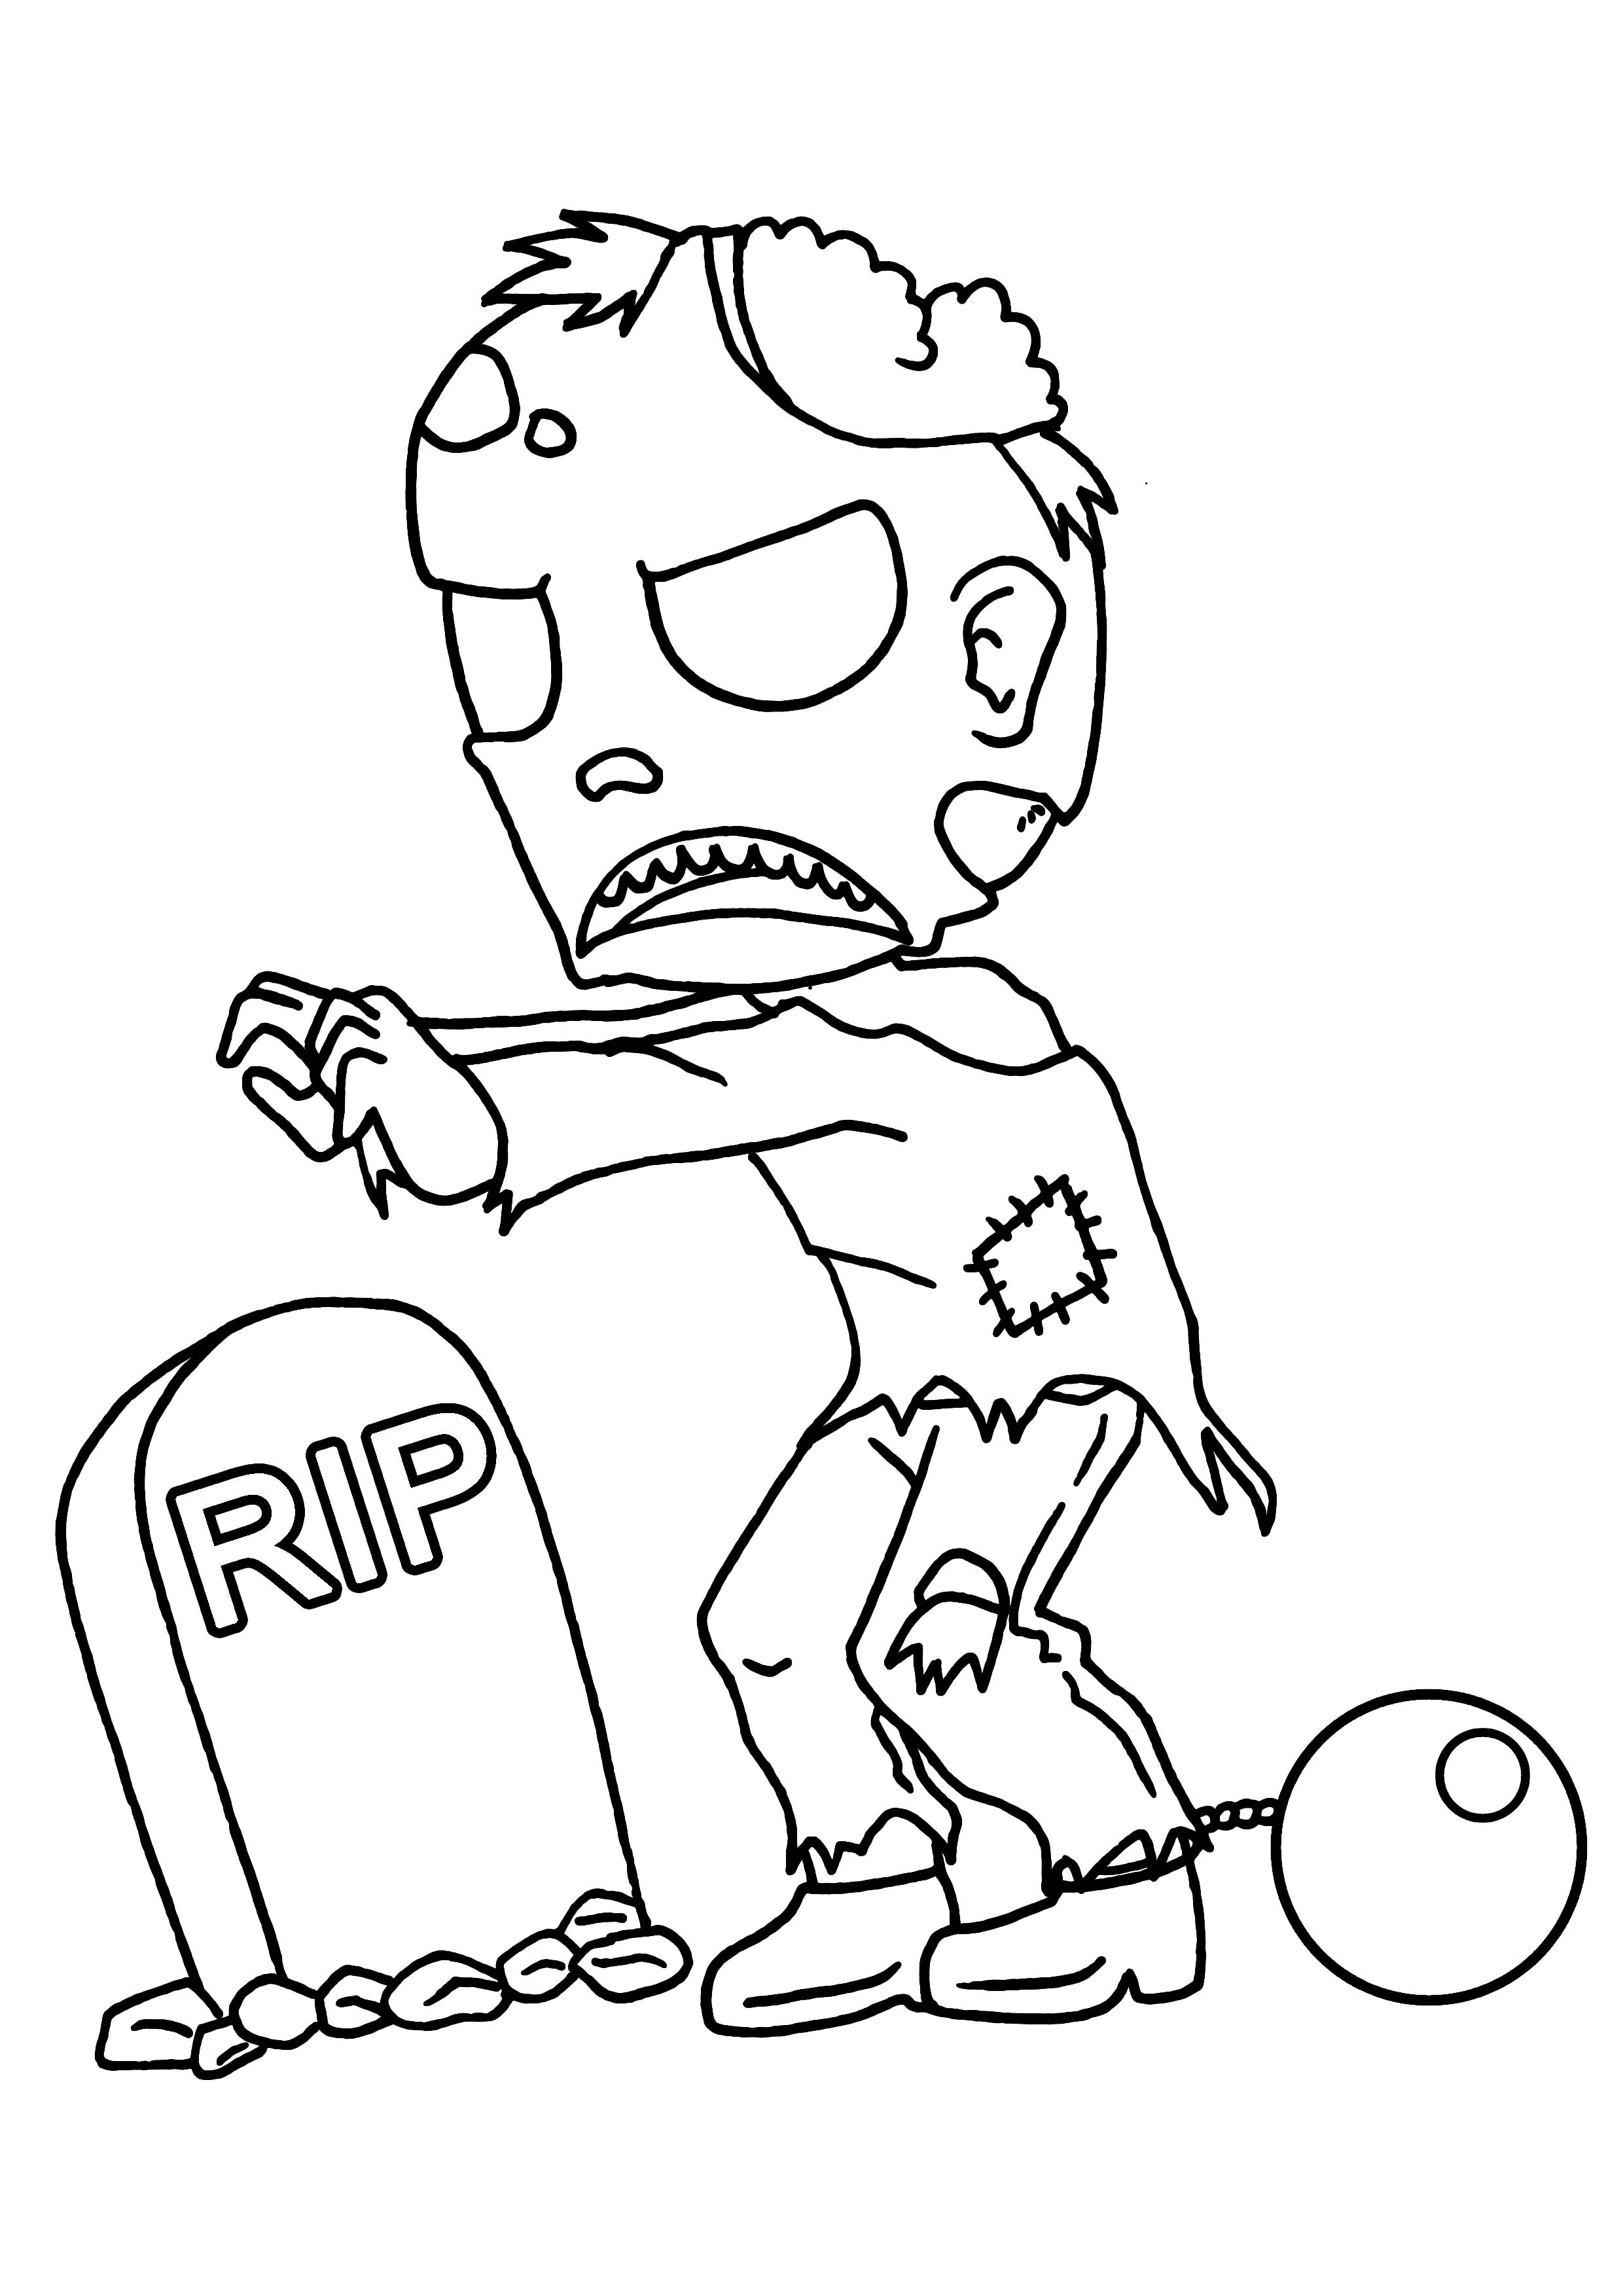 81 dessins de coloriage plante contre zombie imprimer - Dessin imprimer ...